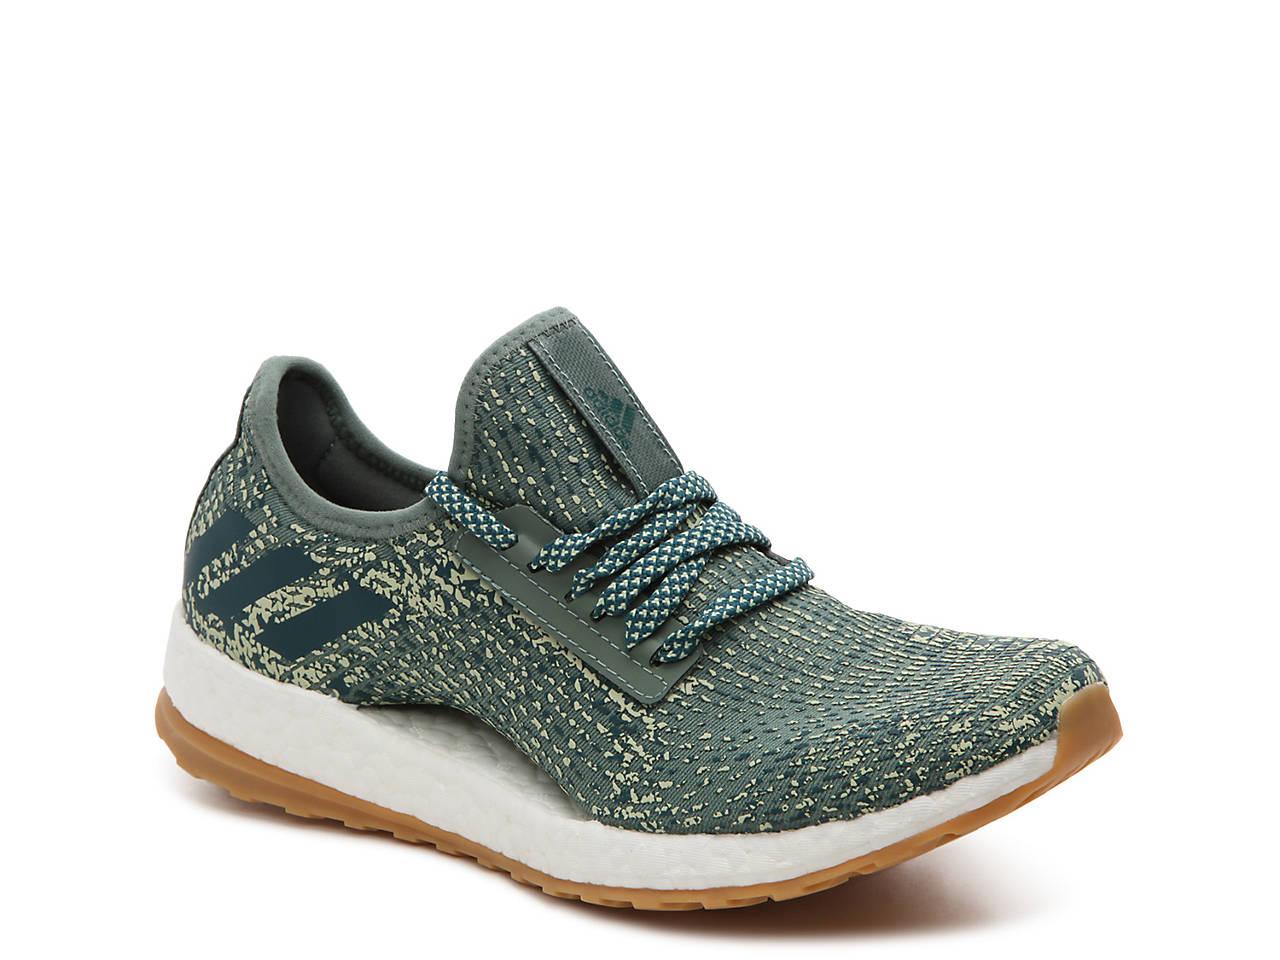 1f5b6b9d320 adidas Pureboost X Lightweight Running Shoe - Women s Women s Shoes ...